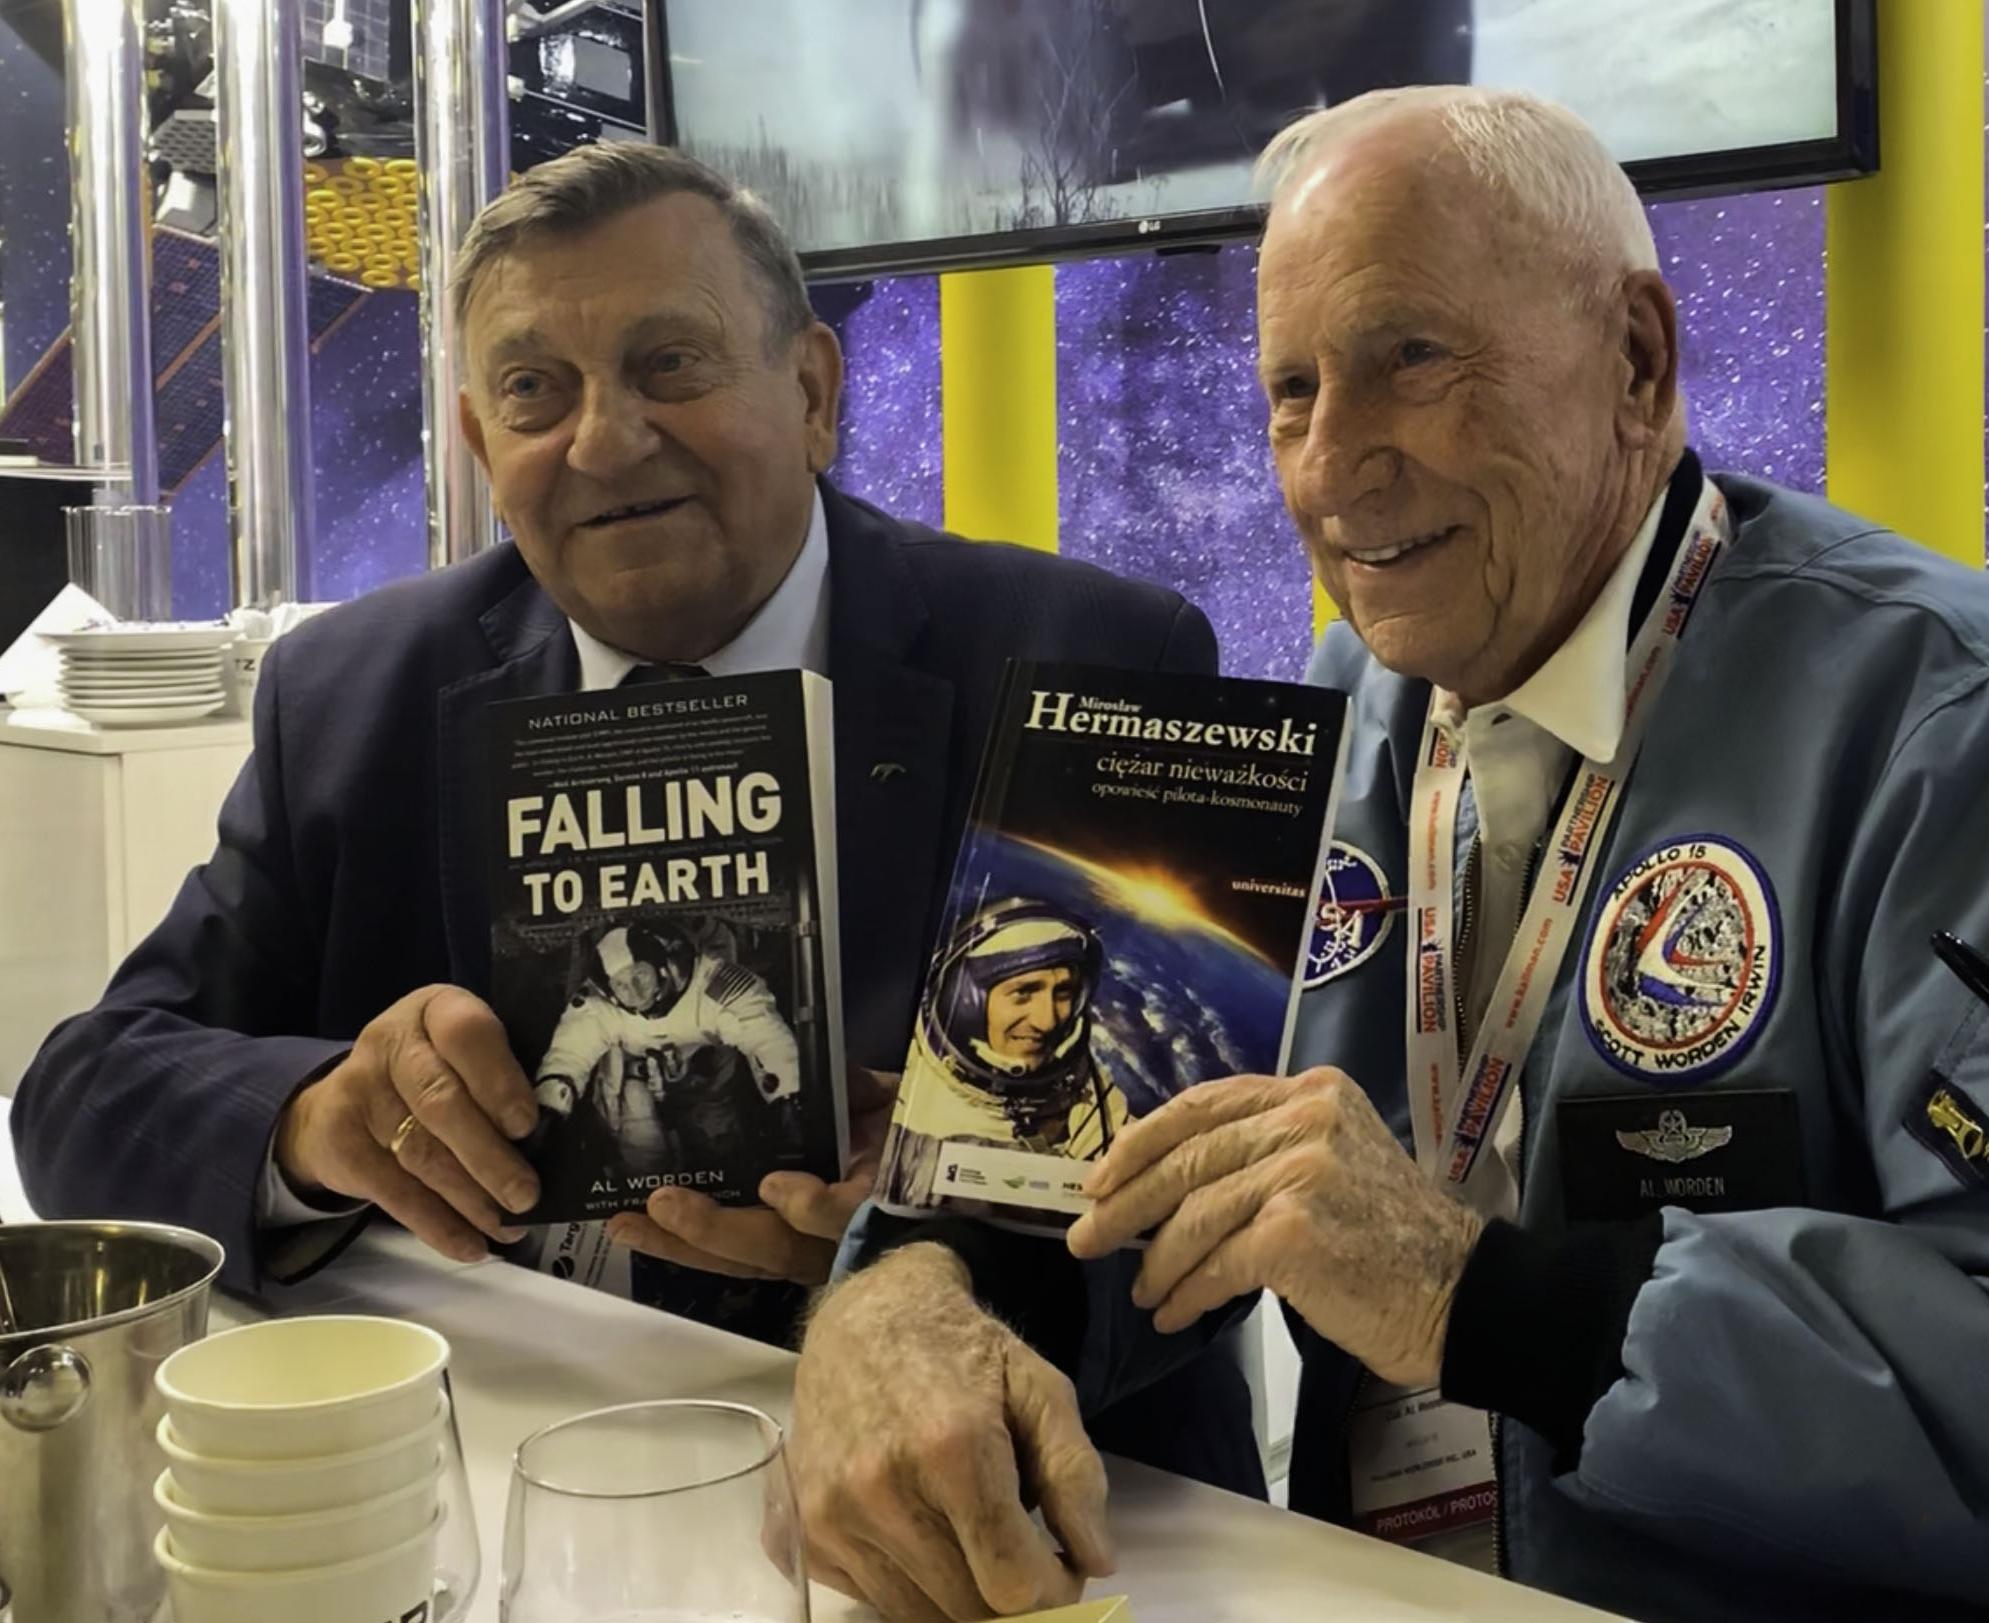 Ciężar nieważkości – 43. rocznica lotu w kosmos Gen. Mirosława Hermaszewskiego